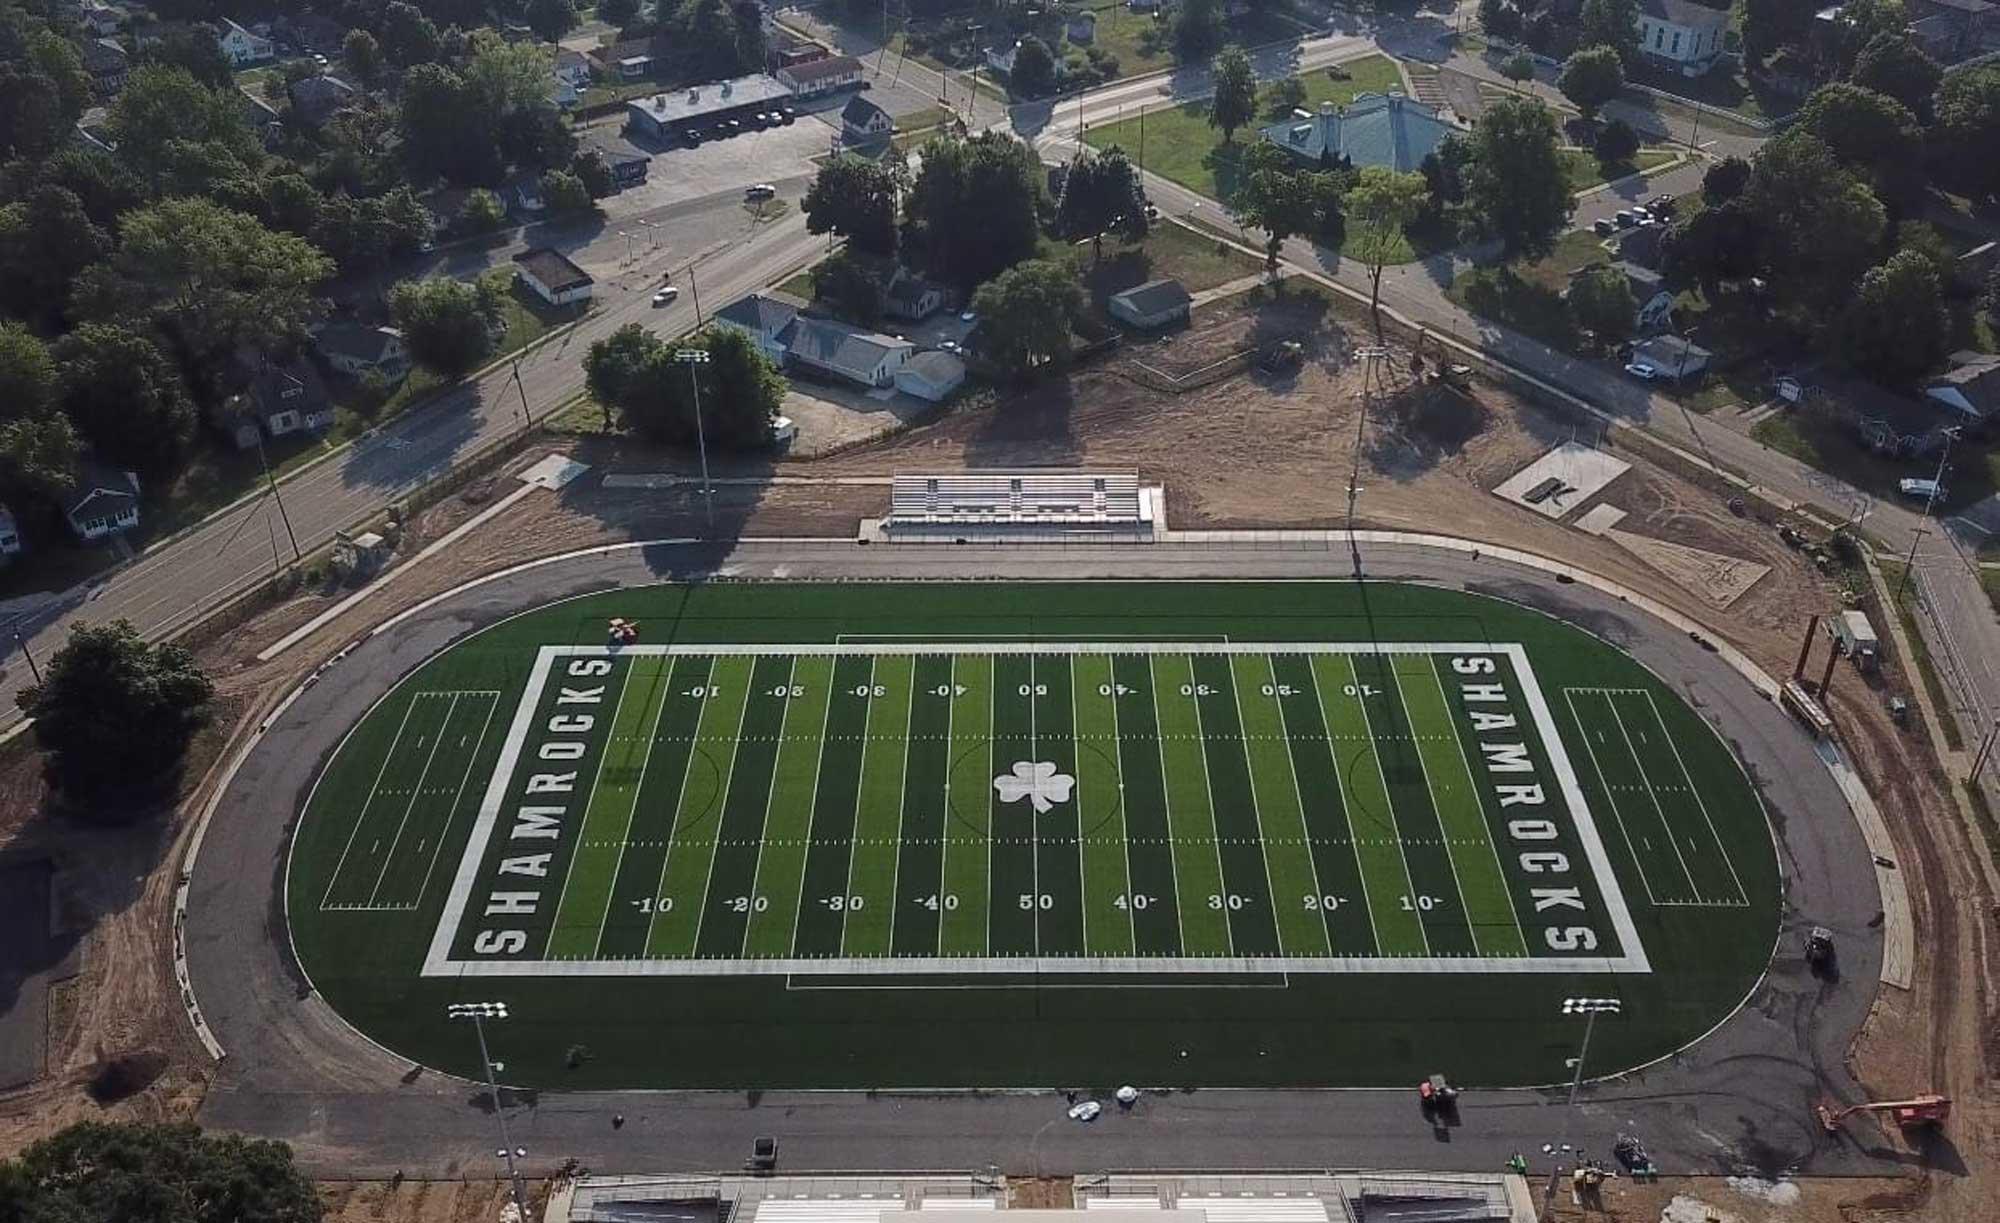 Berrien Springs public school football field